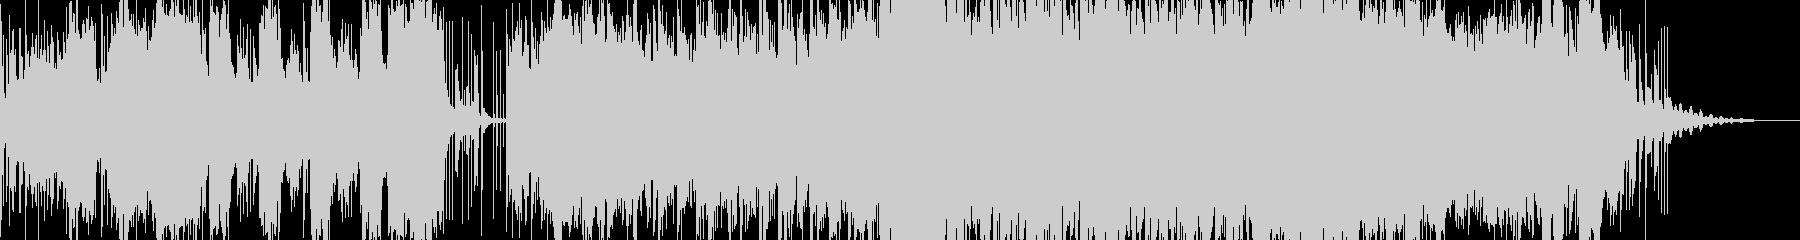 オーケストラ コーラス 明るくはないの未再生の波形